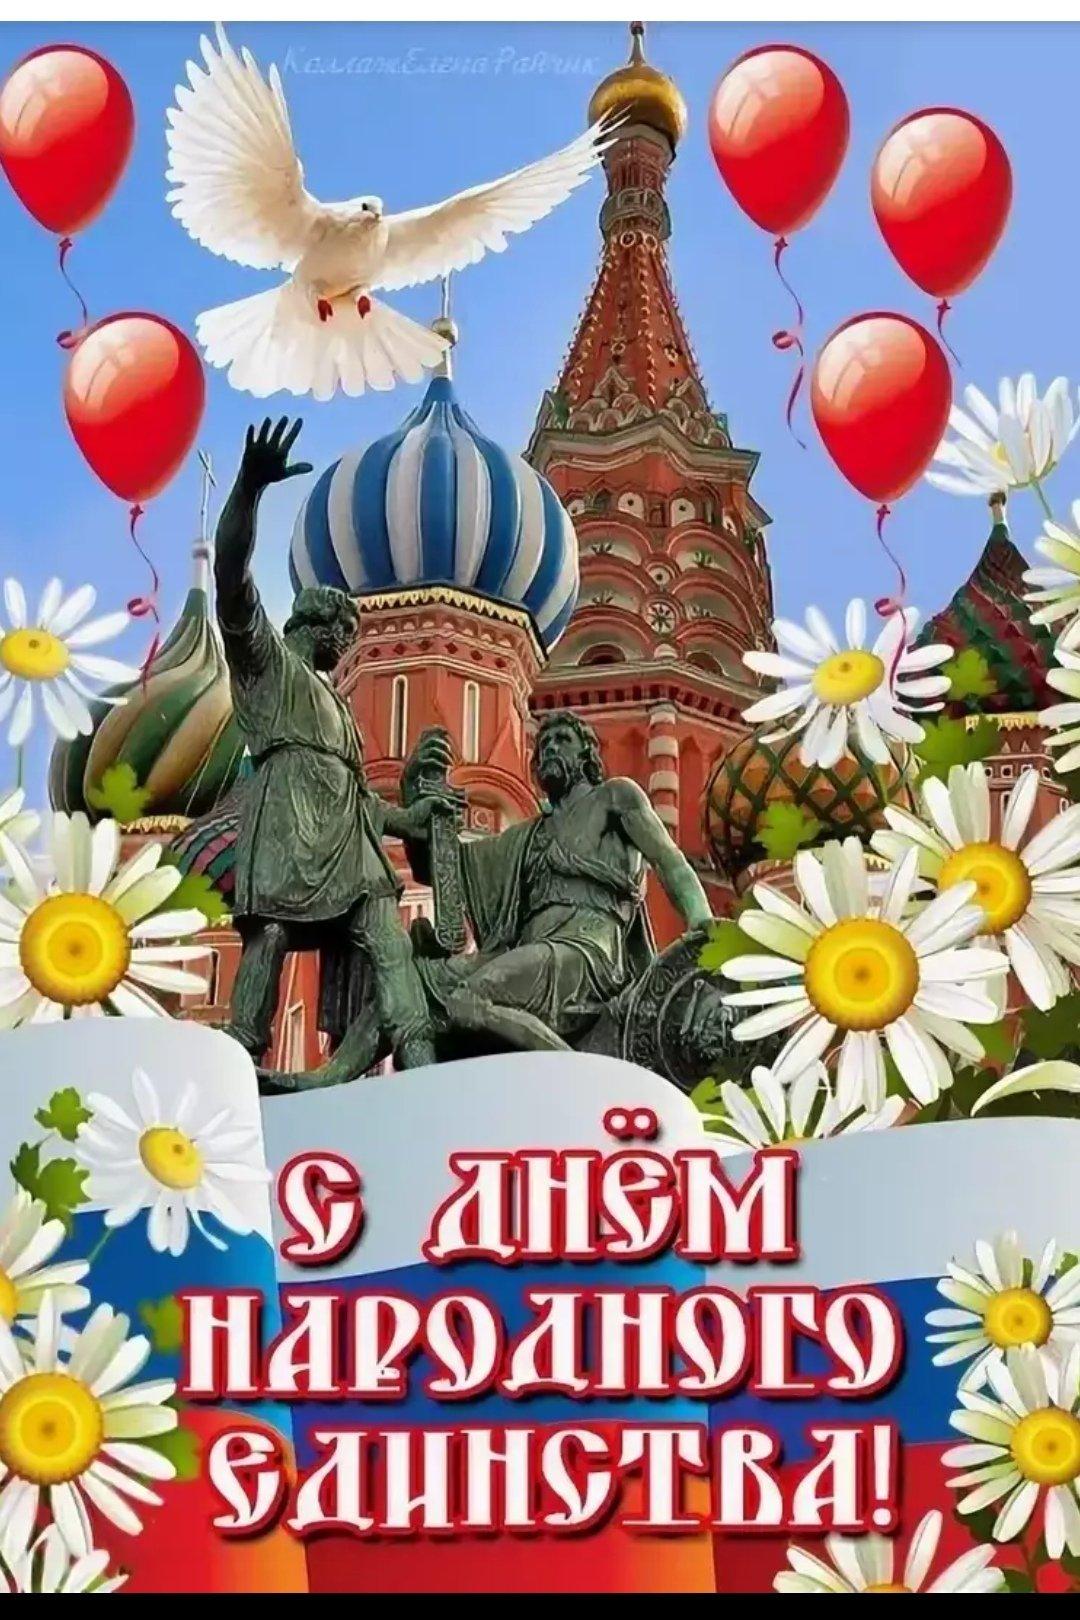 Поздравление с днем народного единства открытка прикольная